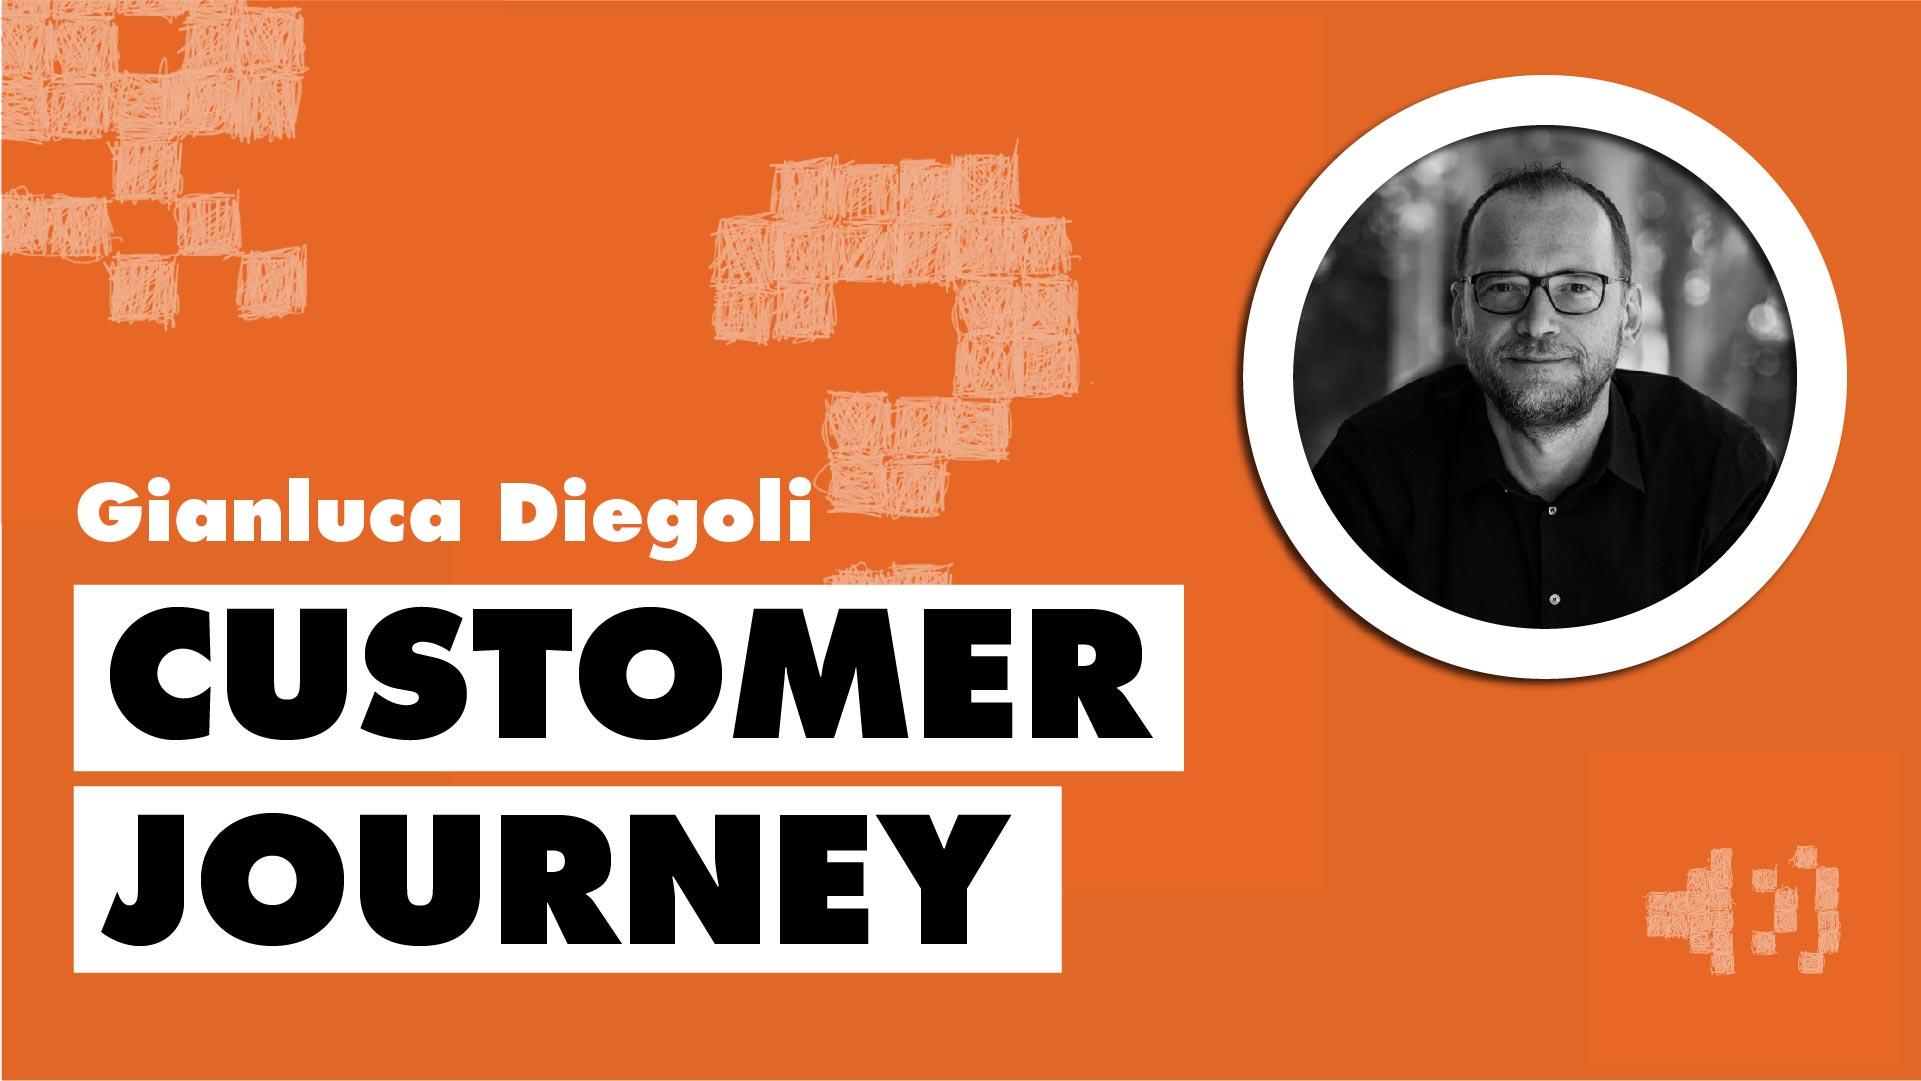 Customer journey: analisi e costruzione del viaggio tra i contenuti culturali